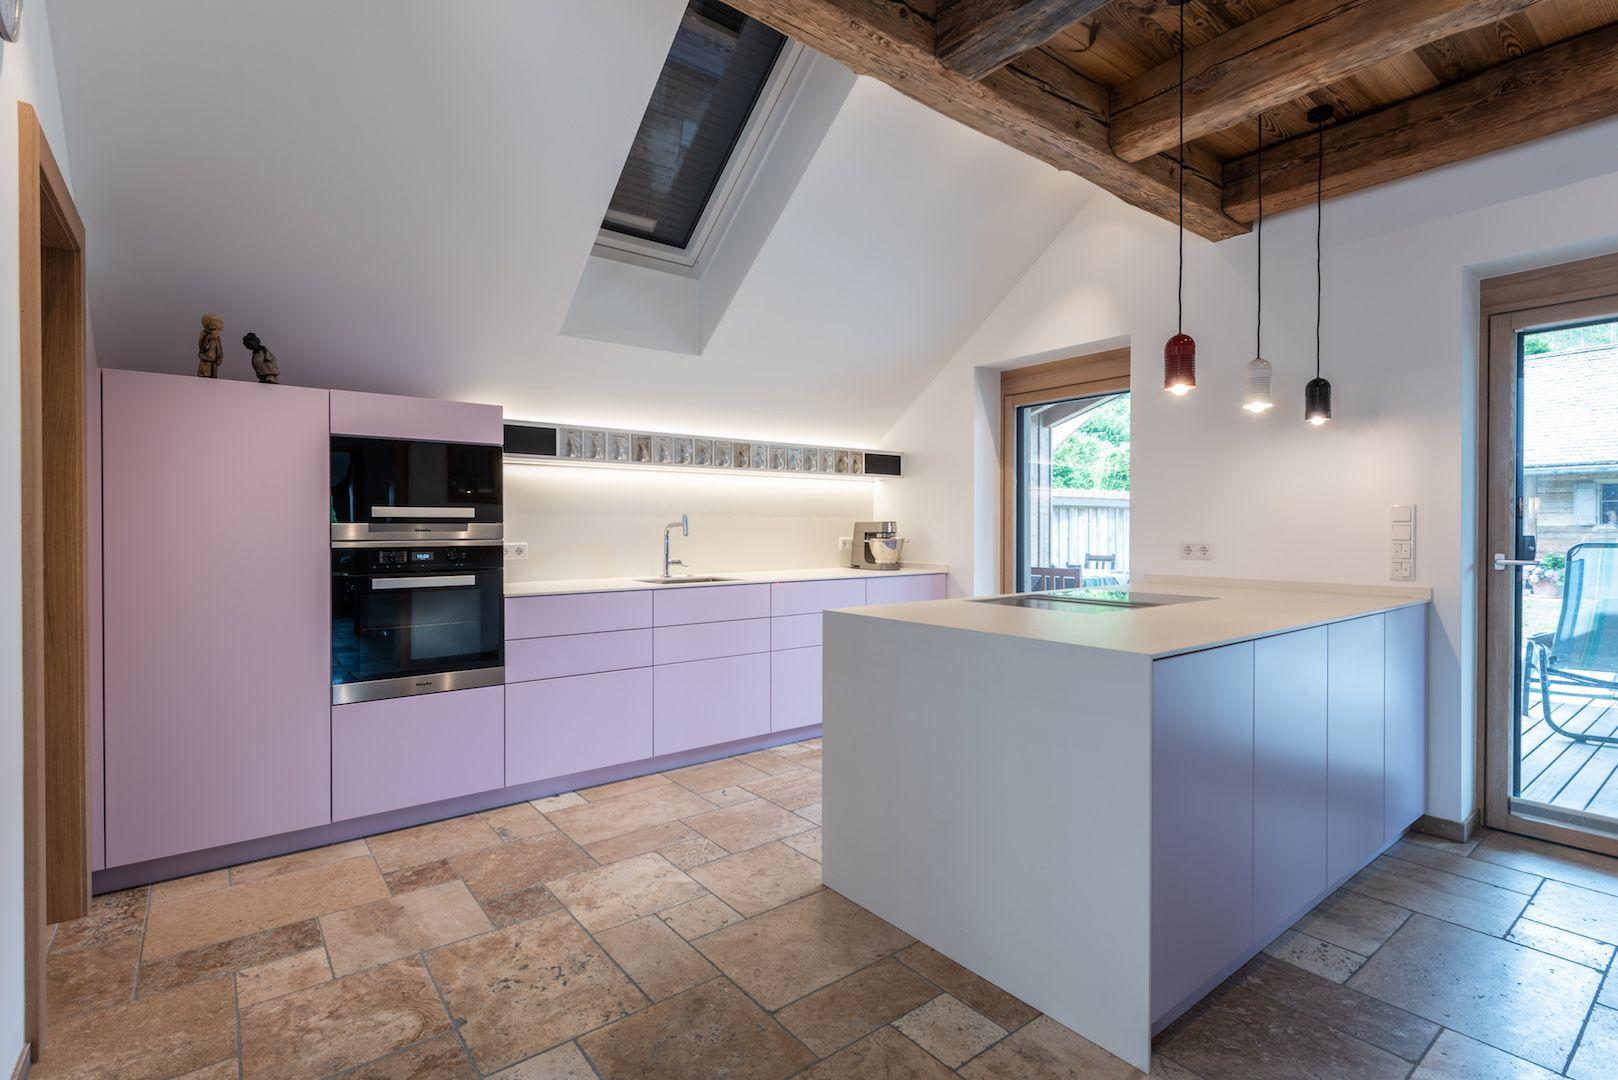 Schlichte Formen und Farben wurden in dieser Küche gewählt